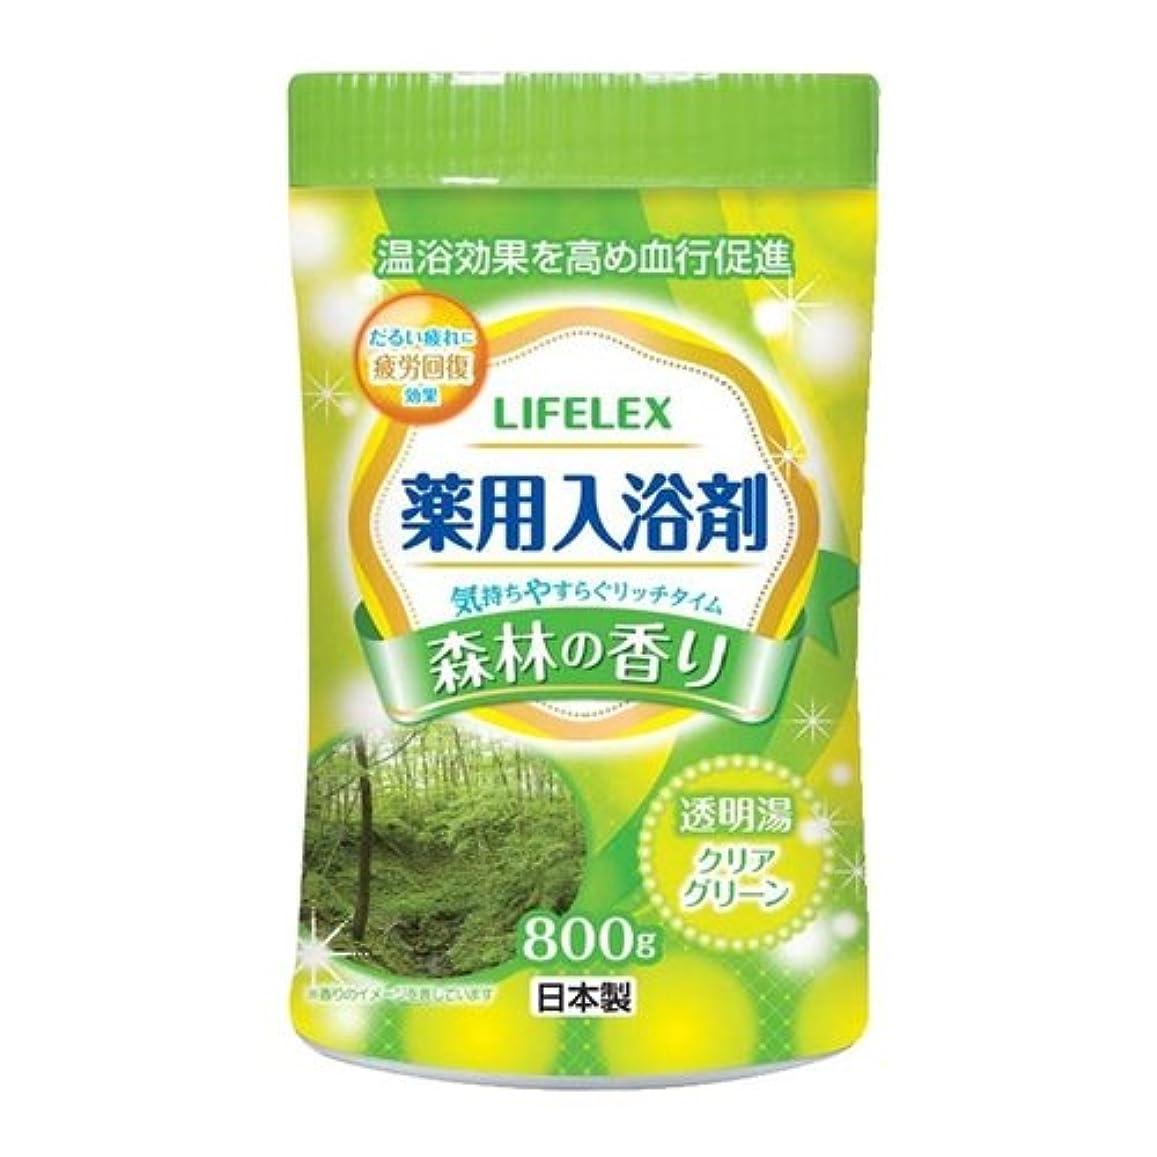 特殊クリーク豪華なコーナンオリジナル 薬用入浴剤 森林の香り 800g